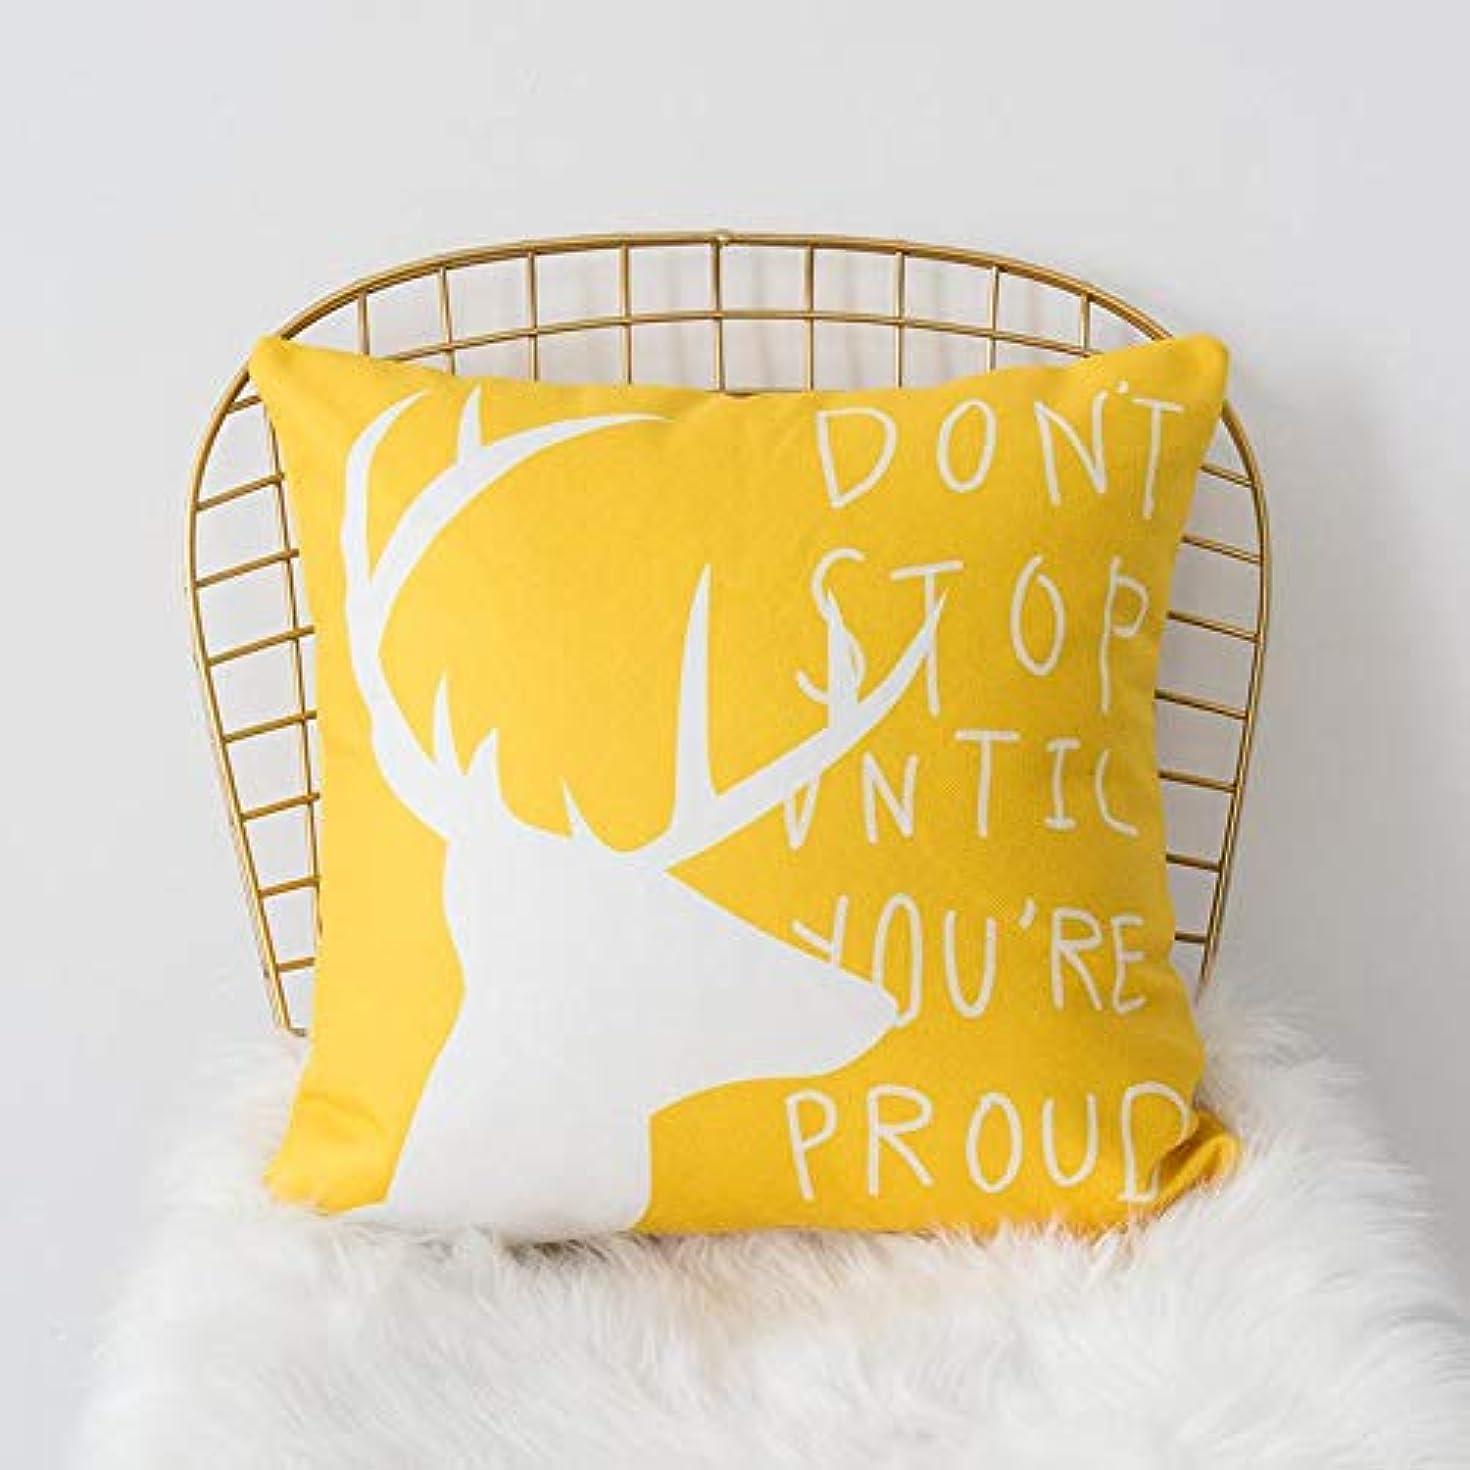 あさりグラマー退屈LIFE 黄色グレー枕北欧スタイル黄色ヘラジカ幾何枕リビングルームのインテリアソファクッション Cojines 装飾良質 クッション 椅子